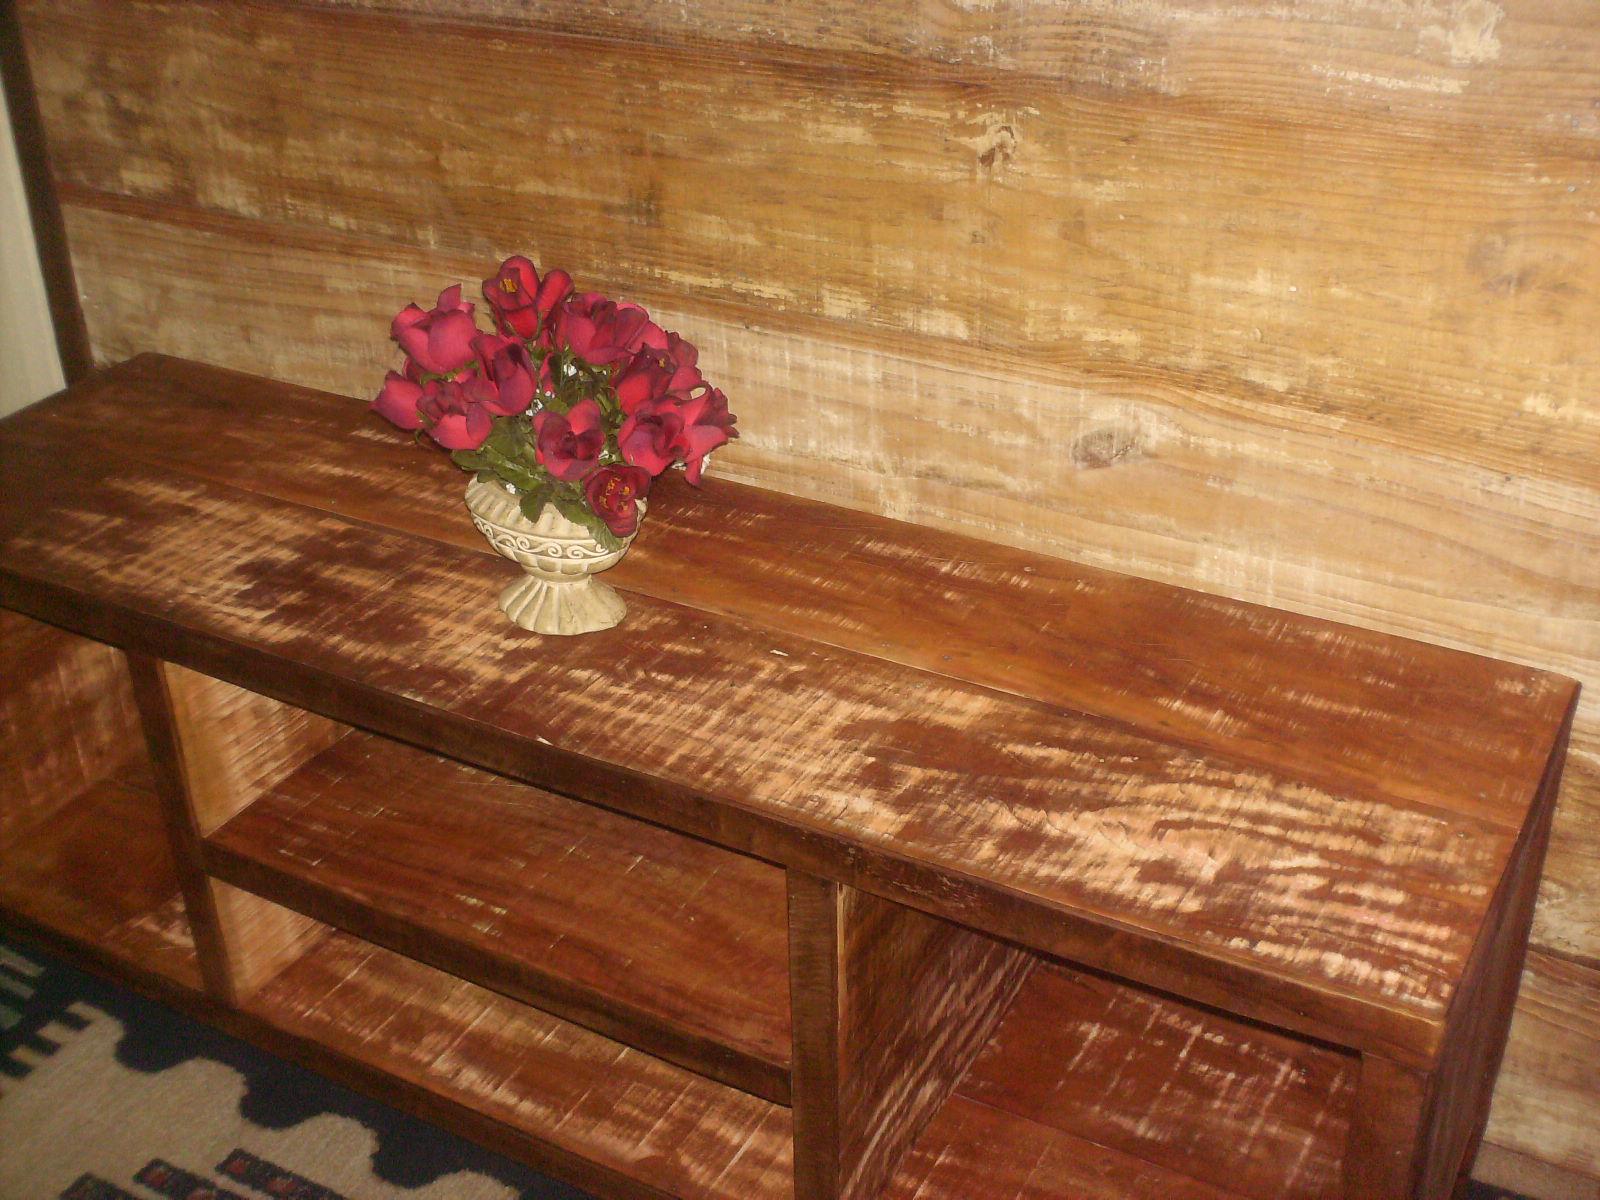 TALH'ARTE arte em madeira: Rack e Painel em madeira de demolição! #A77224 1600x1200